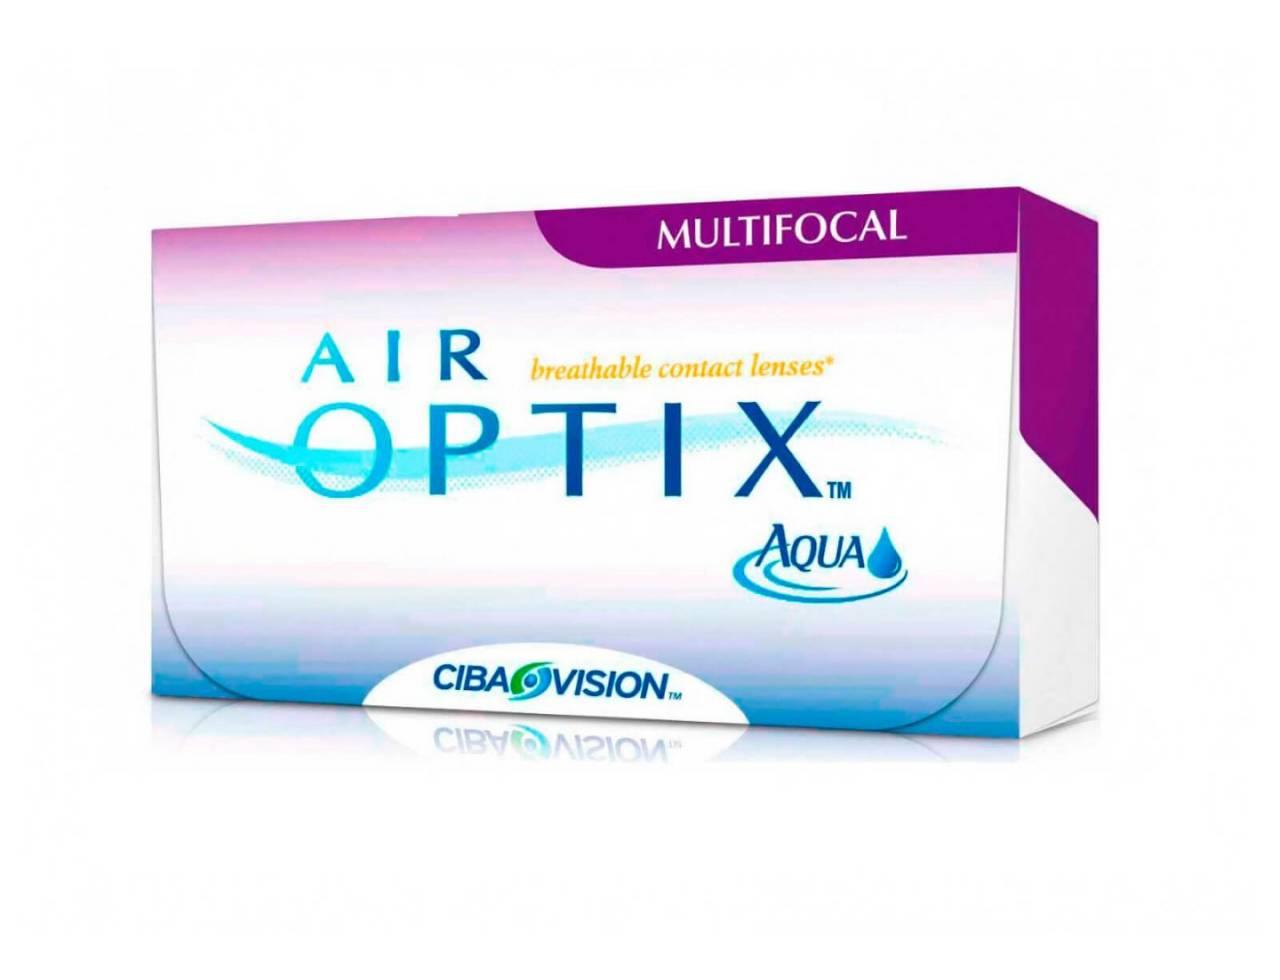 Мультифокальные контактные линзы Alcon Air Optix Aqua Multifocal